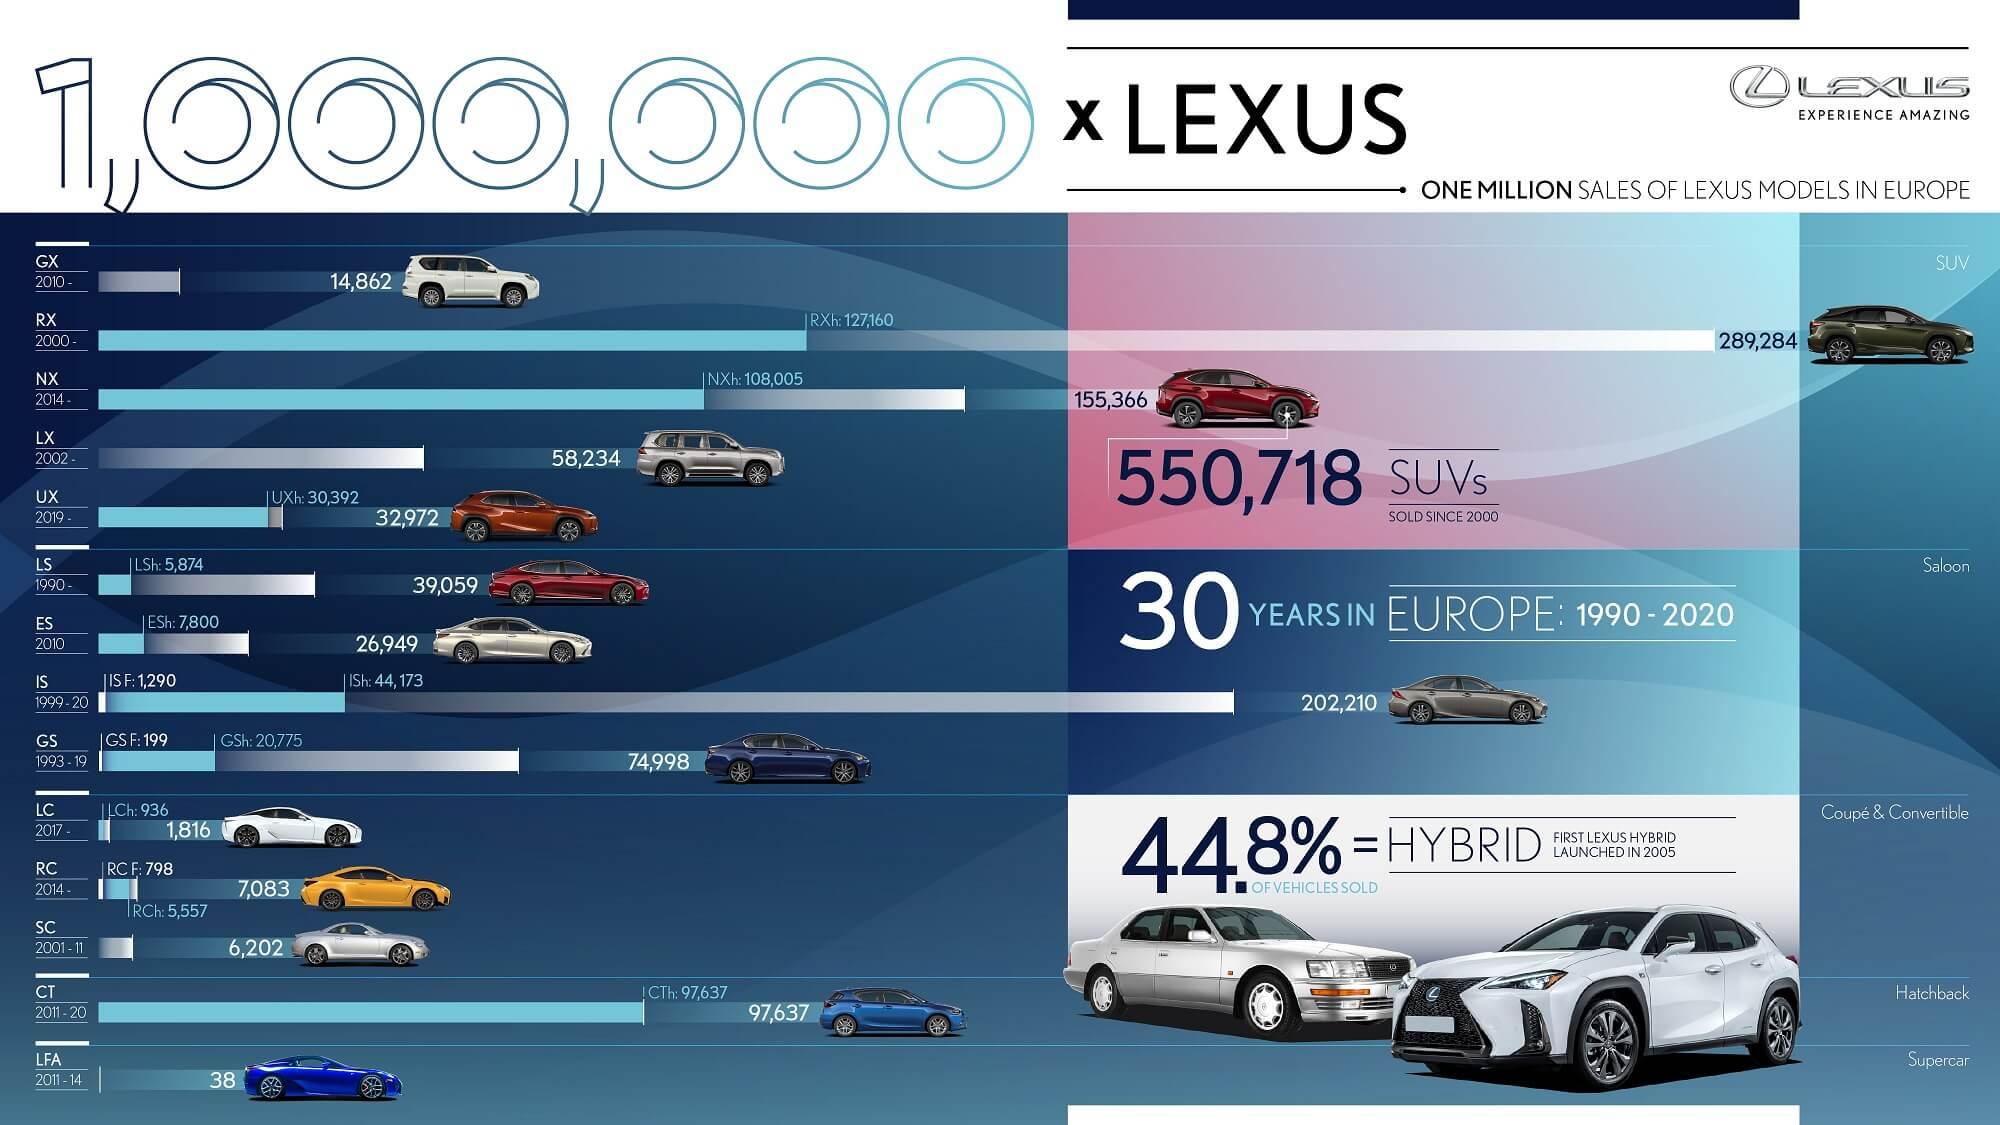 Ventes Lexus Europe